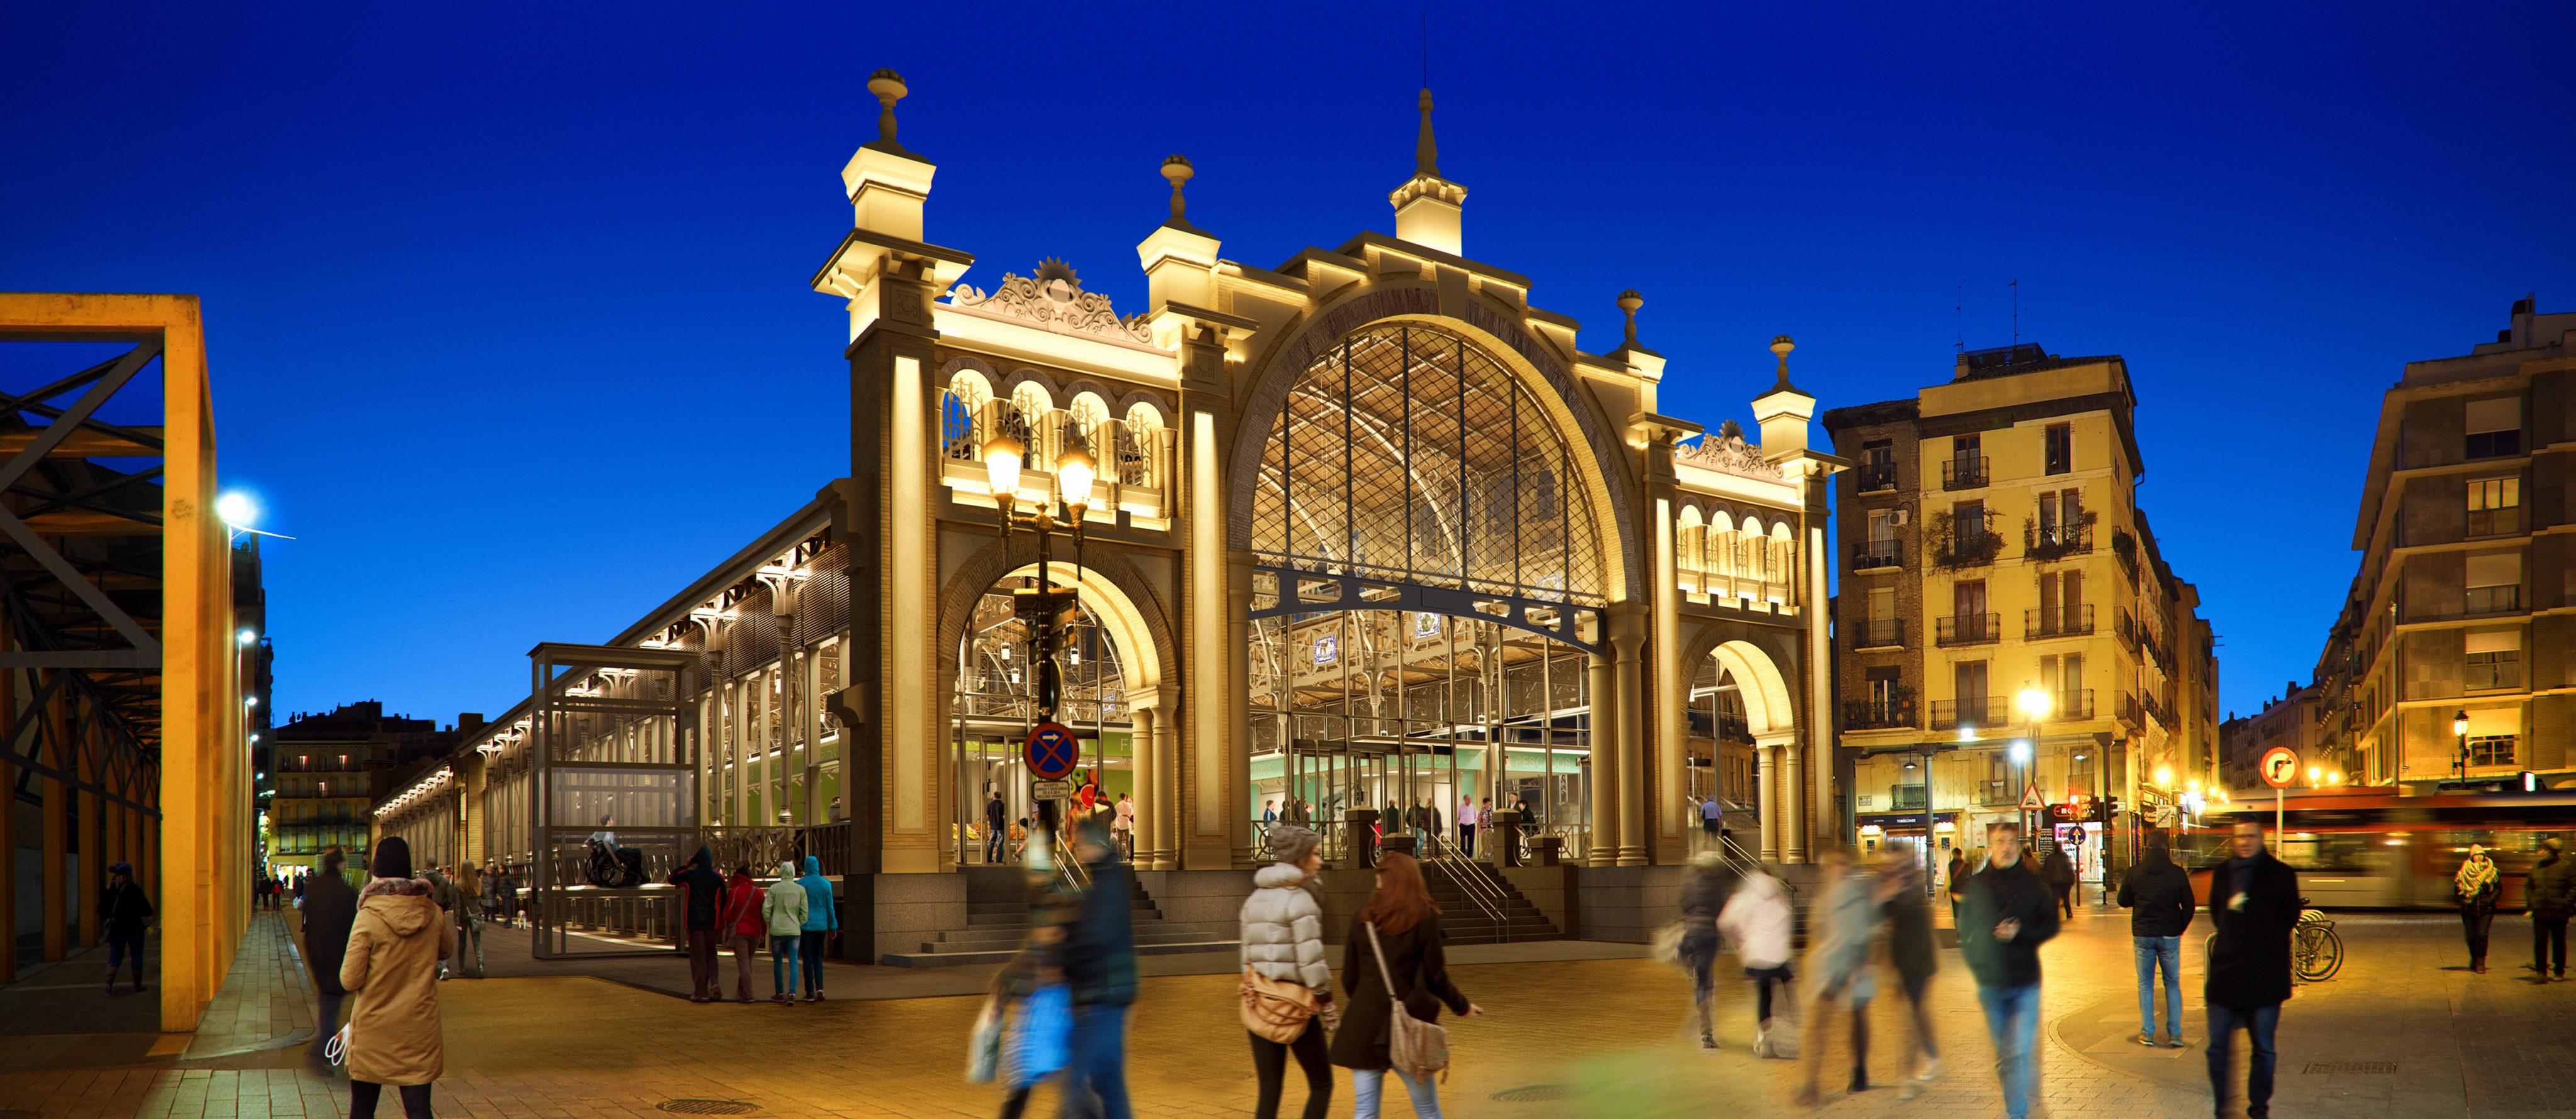 Render infografia exterior noche Rehabilitación Mercado Central Zaragoza por GAYARRE infografia